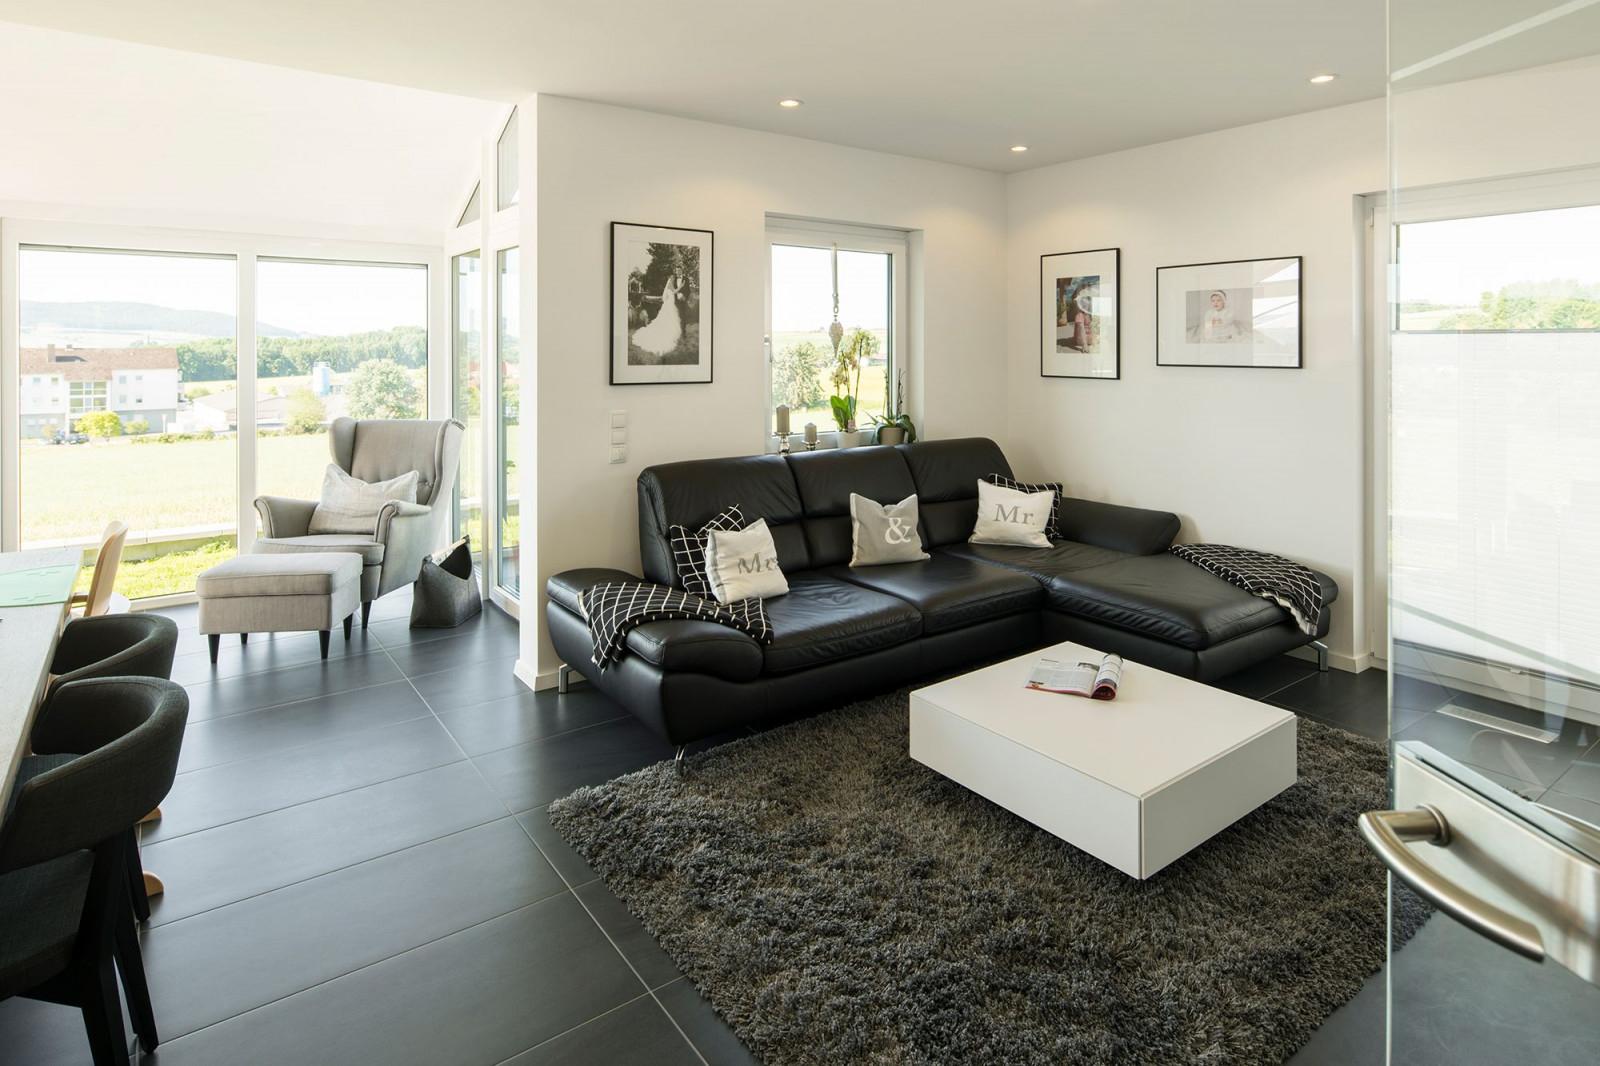 Fertighaus Wohnideen – Wohnzimmer In 2020  Wohnideen von Wohnideen Bilder Wohnzimmer Bild